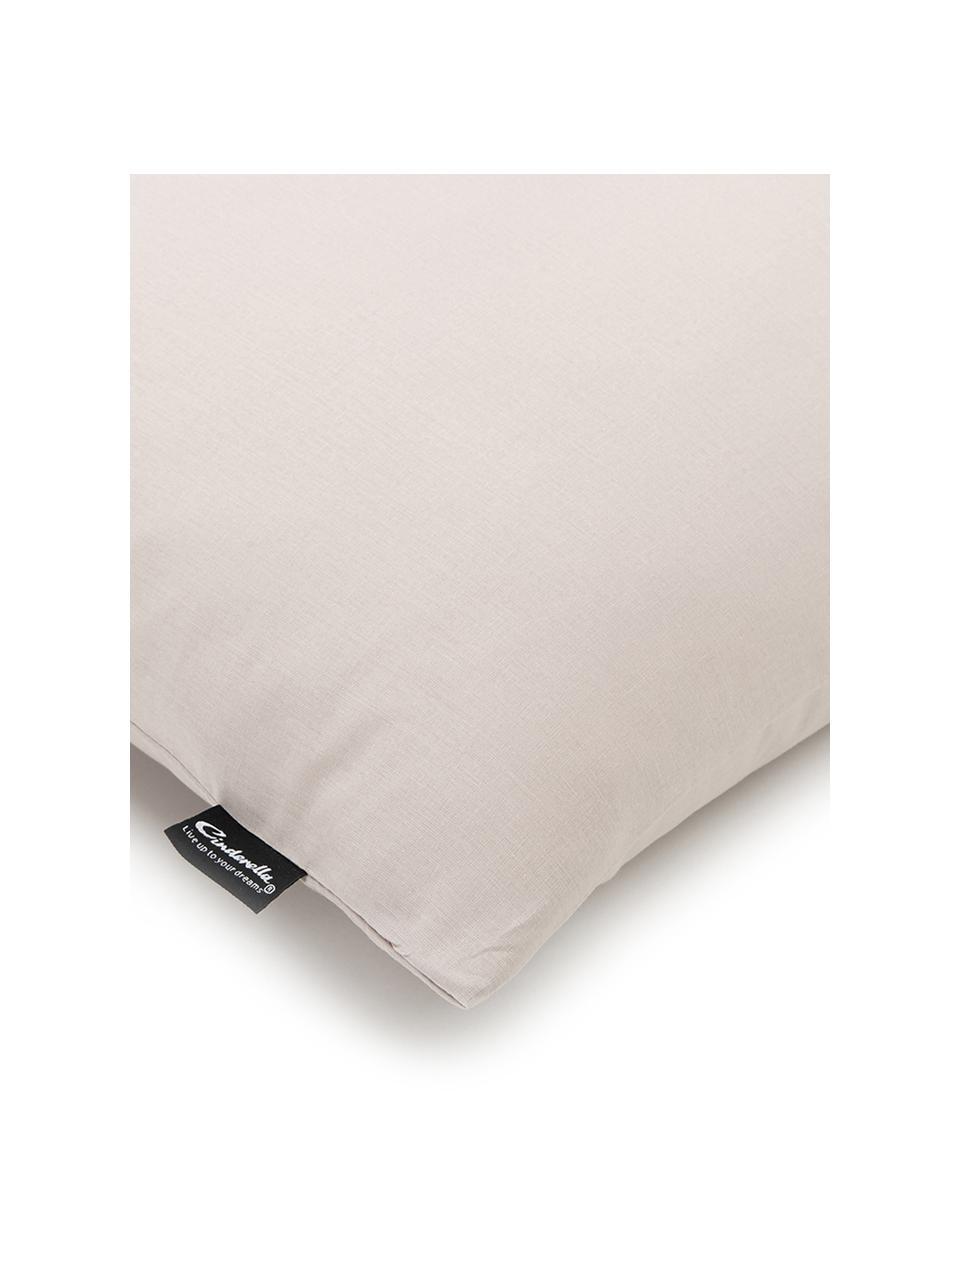 Baumwoll-Bettwäsche Weekend in Taupe, 100% Baumwolle  Fadendichte 145 TC, Standard Qualität  Bettwäsche aus Baumwolle fühlt sich auf der Haut angenehm weich an, nimmt Feuchtigkeit gut auf und eignet sich für Allergiker., Taupe, 155 x 220 cm + 1 Kissen 80 x 80 cm